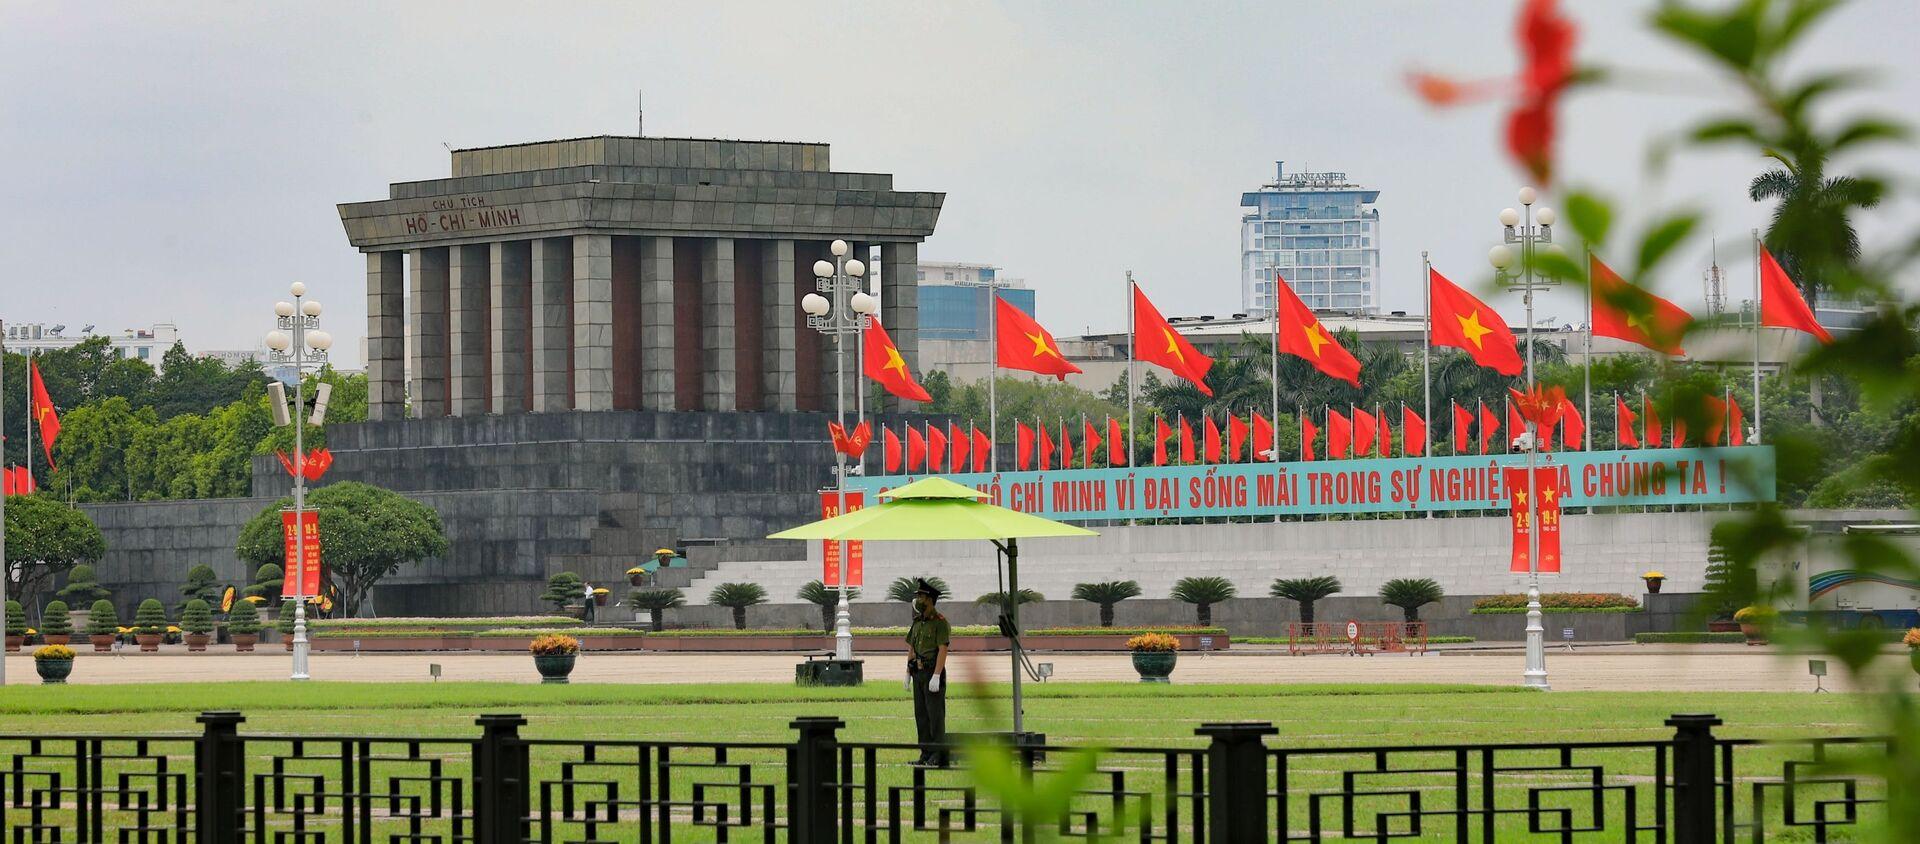 Lăng Chủ tịch Hồ Chí Minh trên Quảng trường Ba Đình trong ngày Quốc khánh. - Sputnik Việt Nam, 1920, 02.09.2021